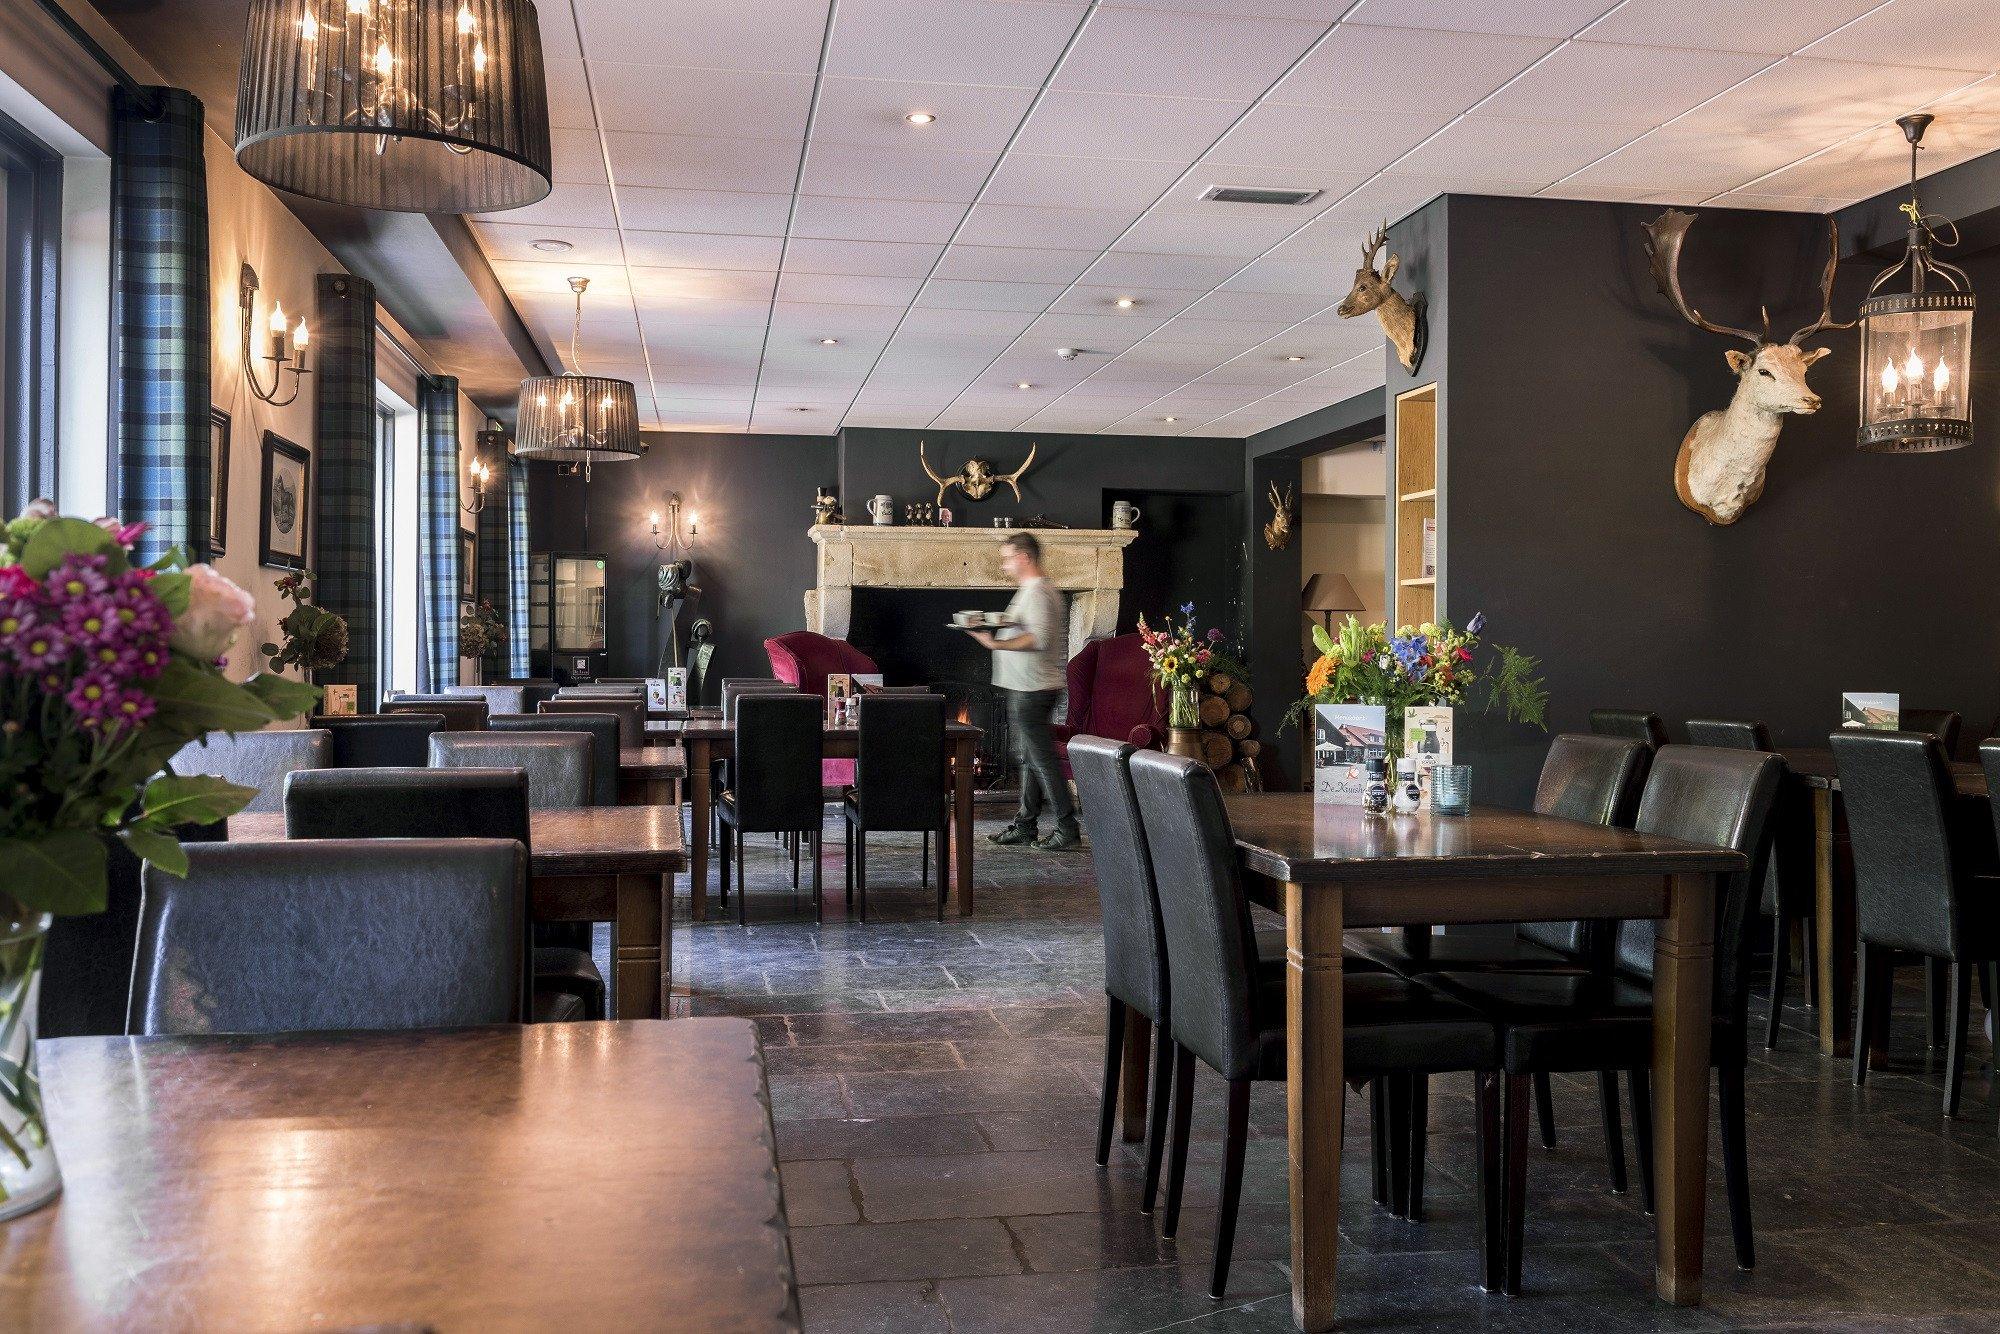 Dagaanbieding - Verblijf 2 of 3 dagen in een top beoordeeld hotel in Vught en nabij de Loonse en Drunense Duinen incl. ontbijt en diner dagelijkse koopjes